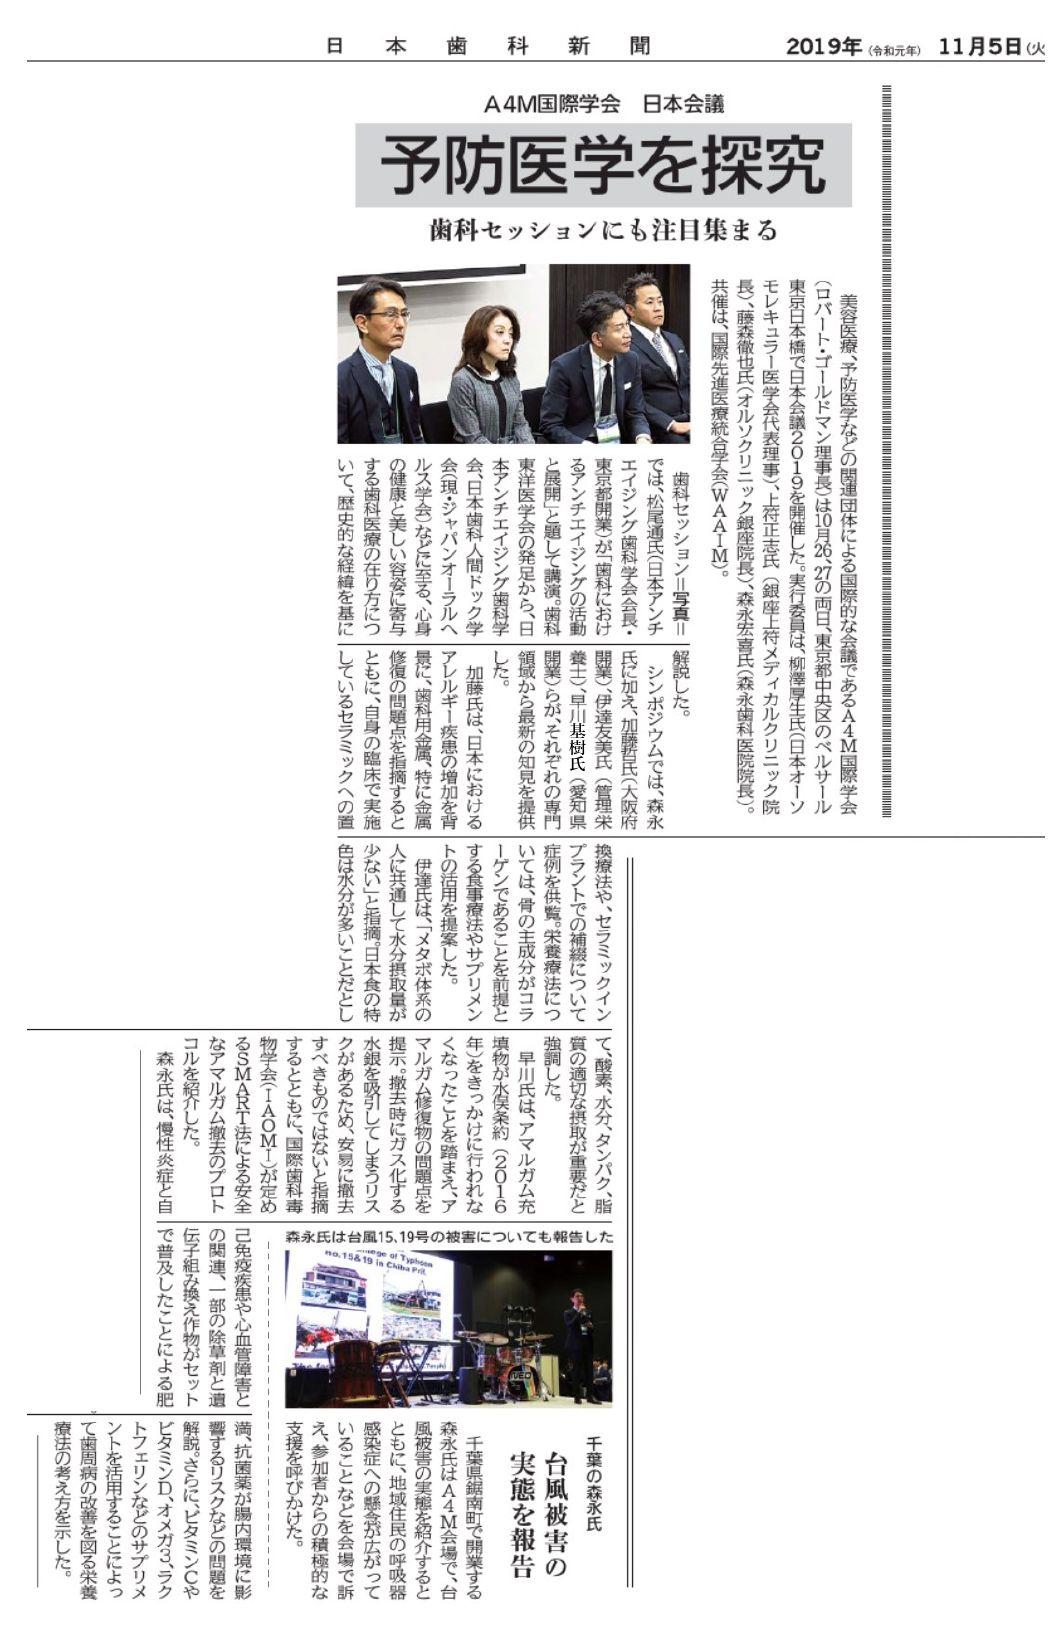 「日本歯科新聞」掲載記事を転載します。-A4M国際学会日本会議2019-